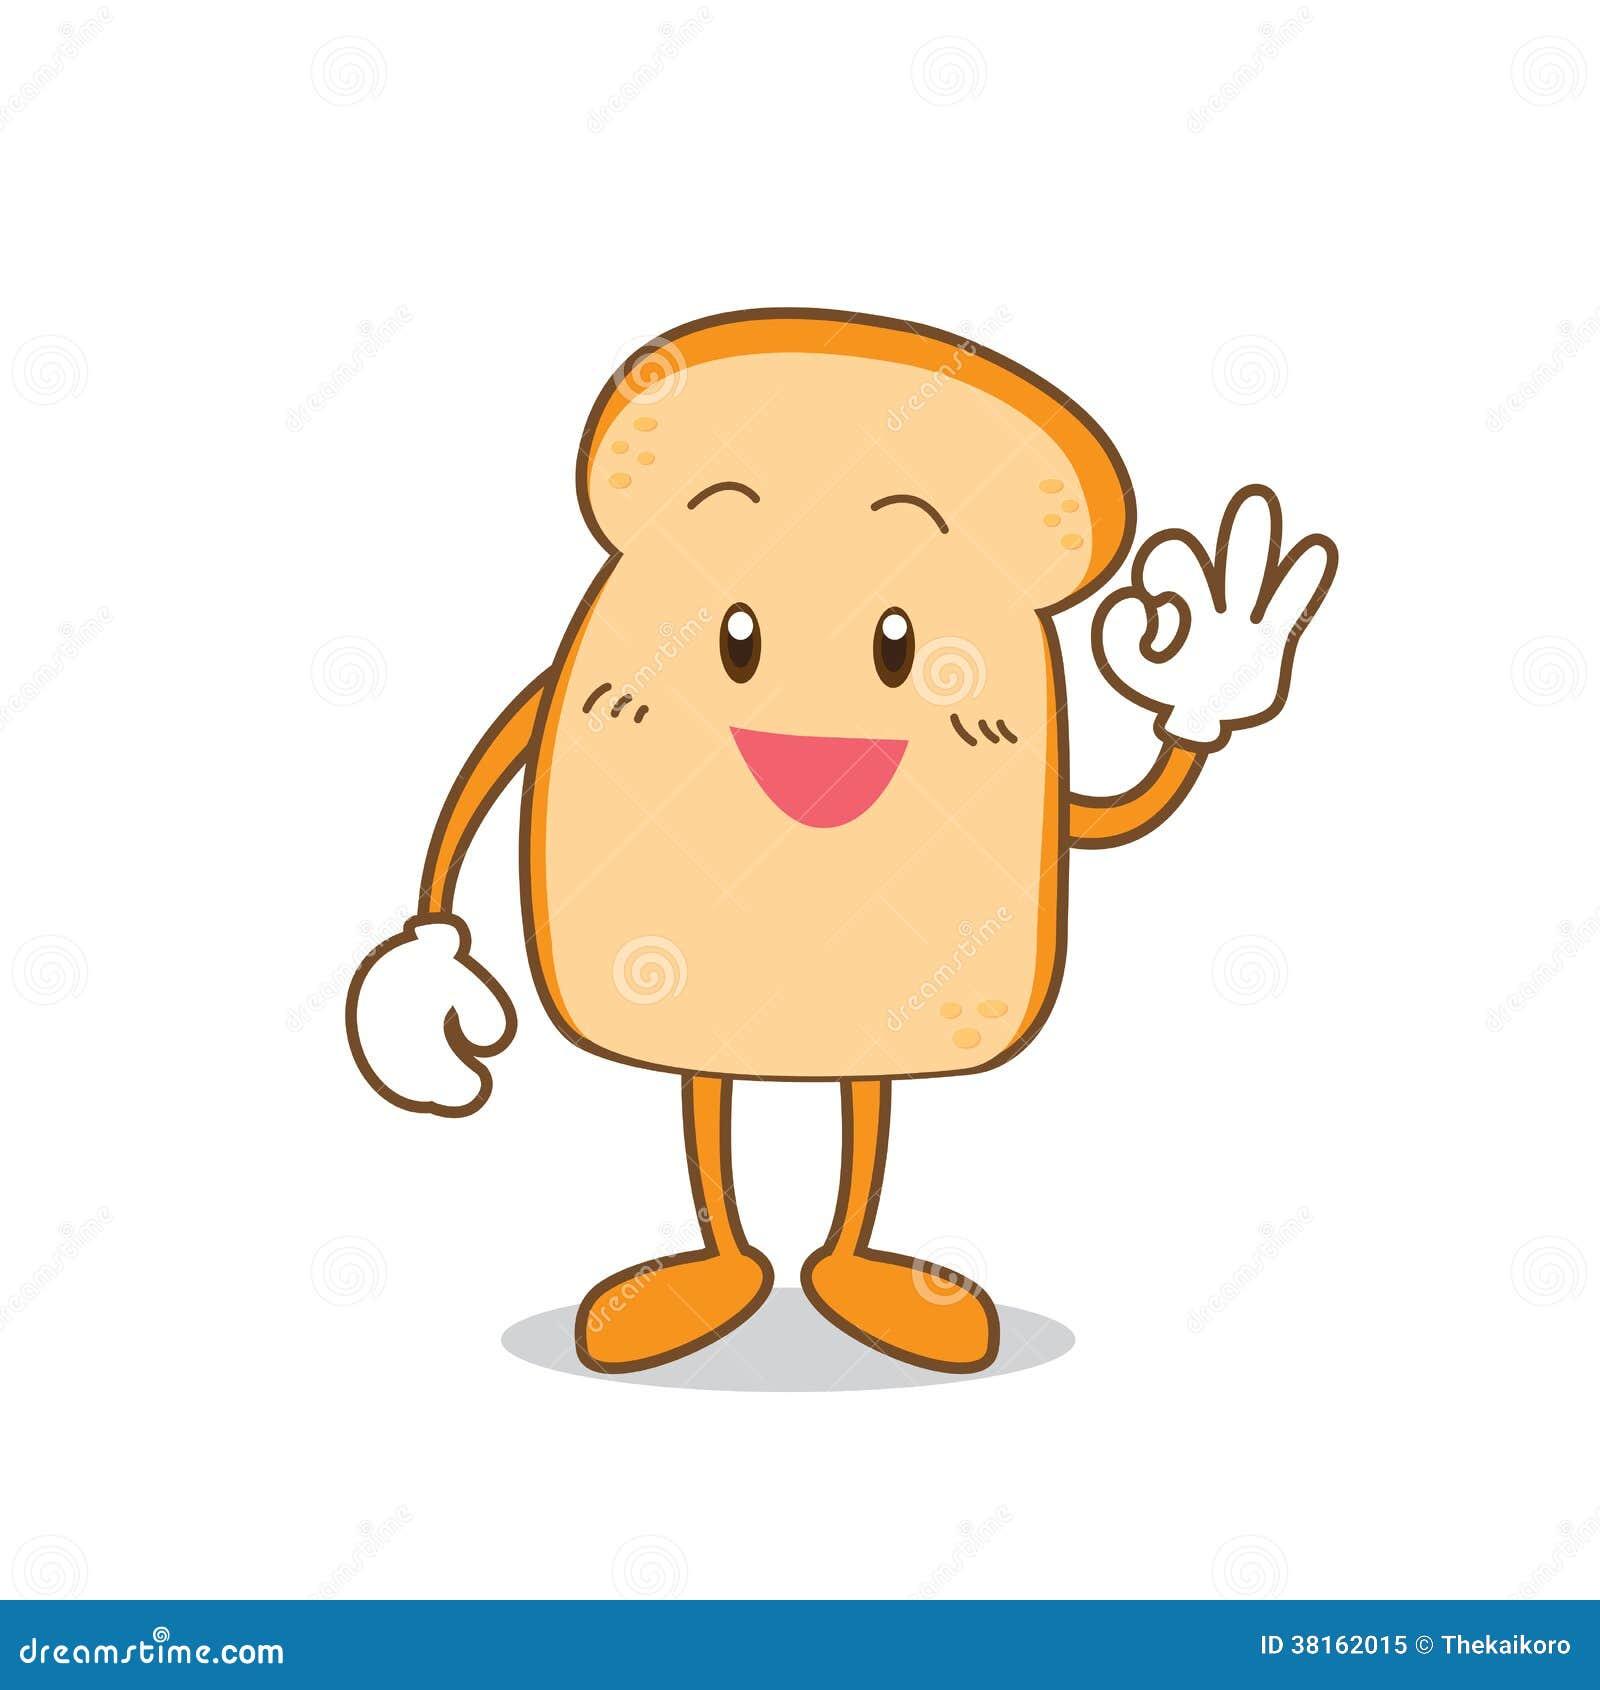 Bread Baker Cartoon Isolated slice of bread cartoon royalty free stock ...